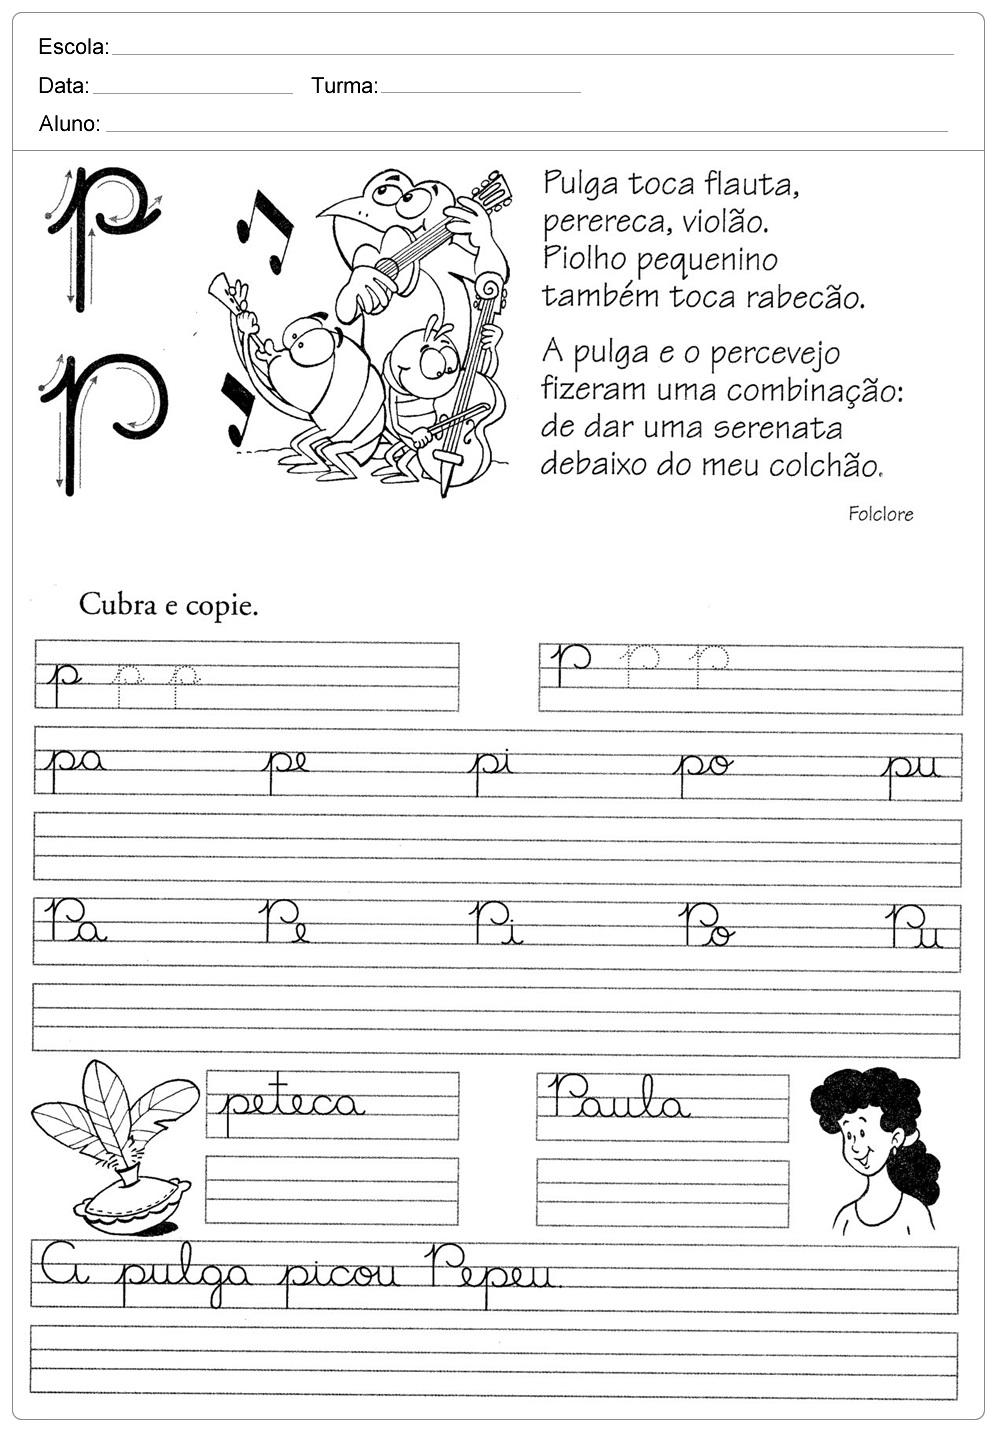 atividade-de-caligrafia-letra-P